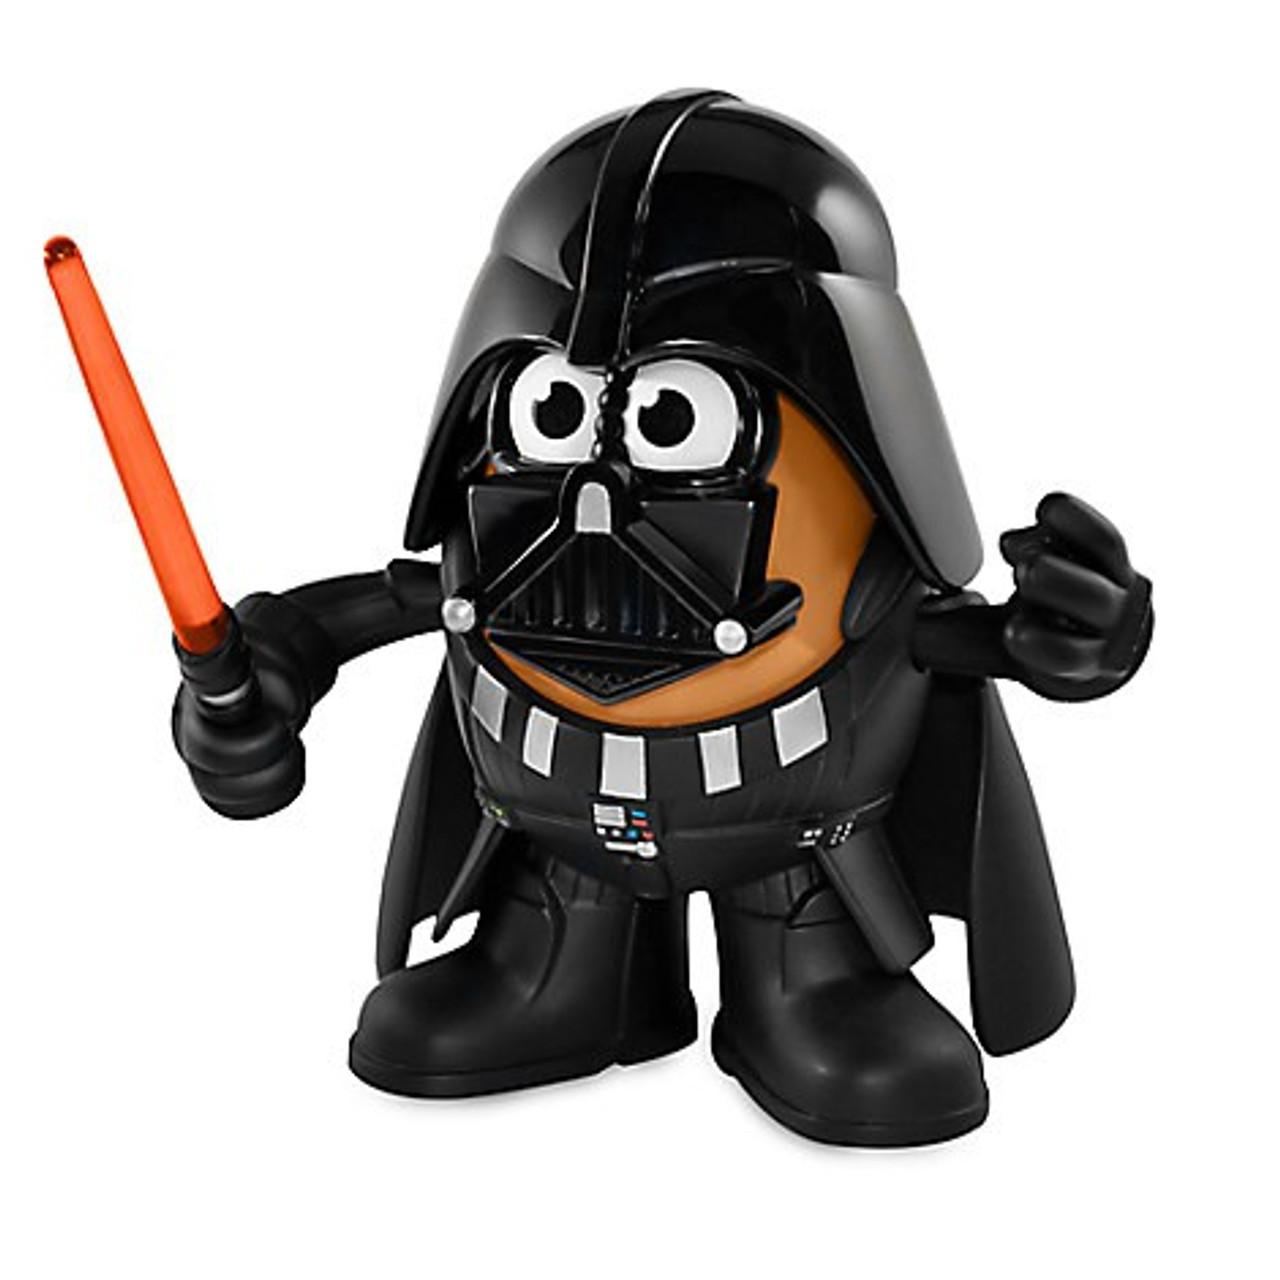 Star Wars Pop Taters Darth Vader Mr. Potato Head